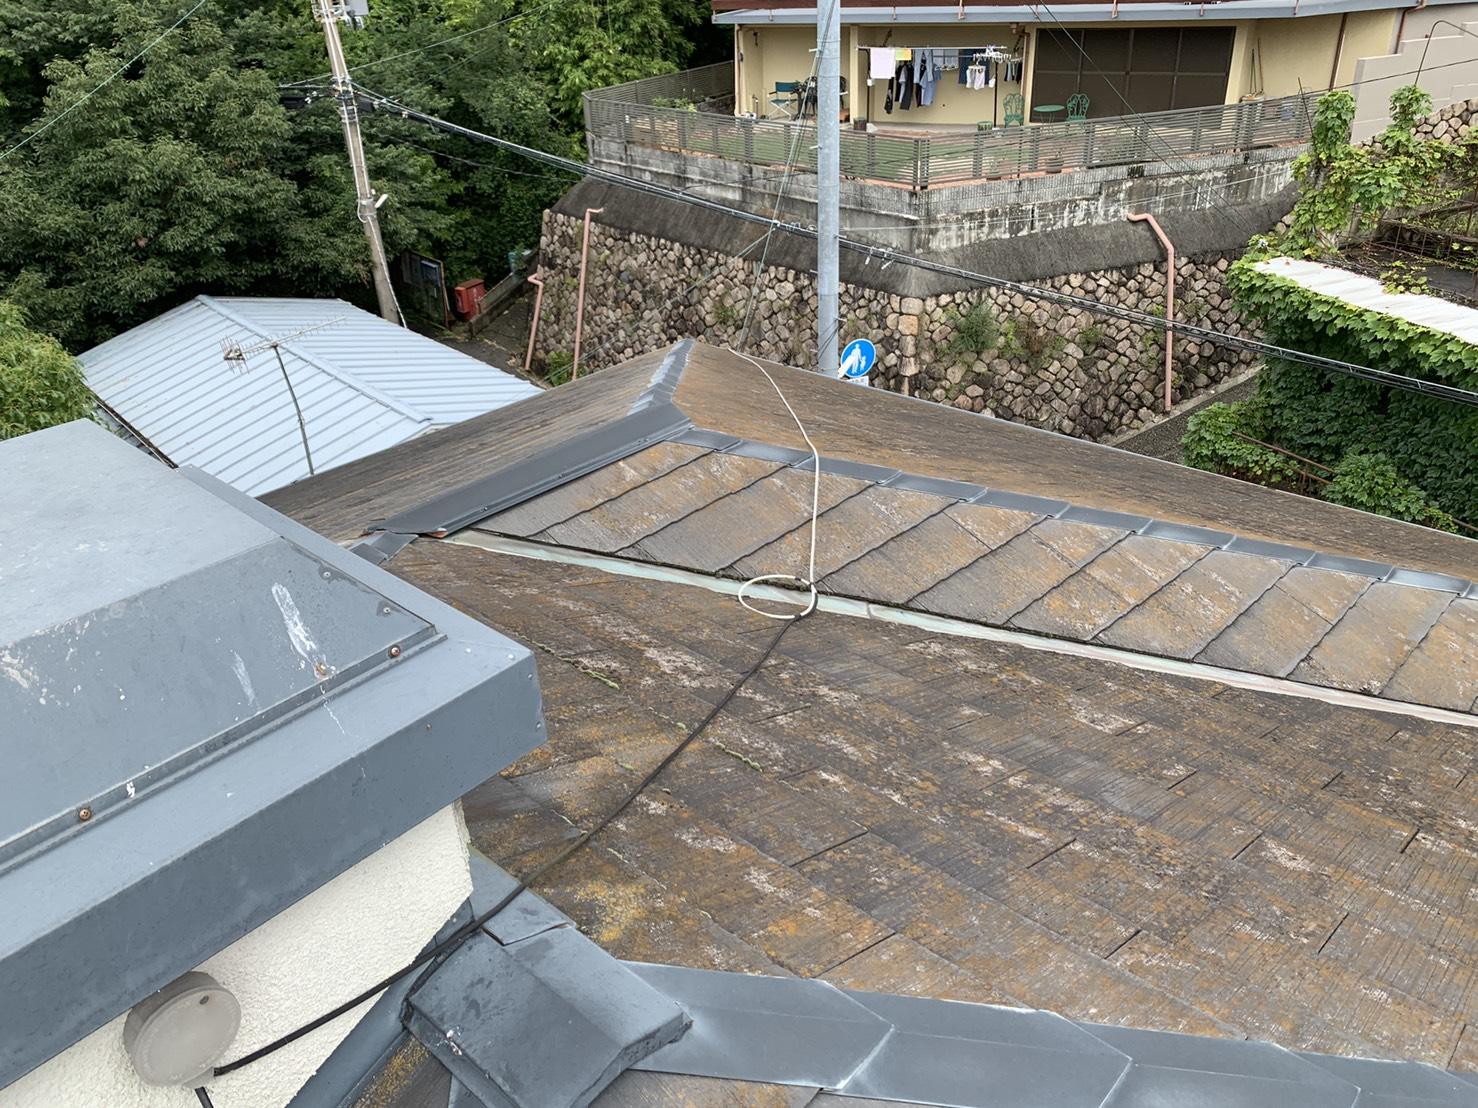 加古川市で雨樋からの水漏れを調査したお家の屋根の様子